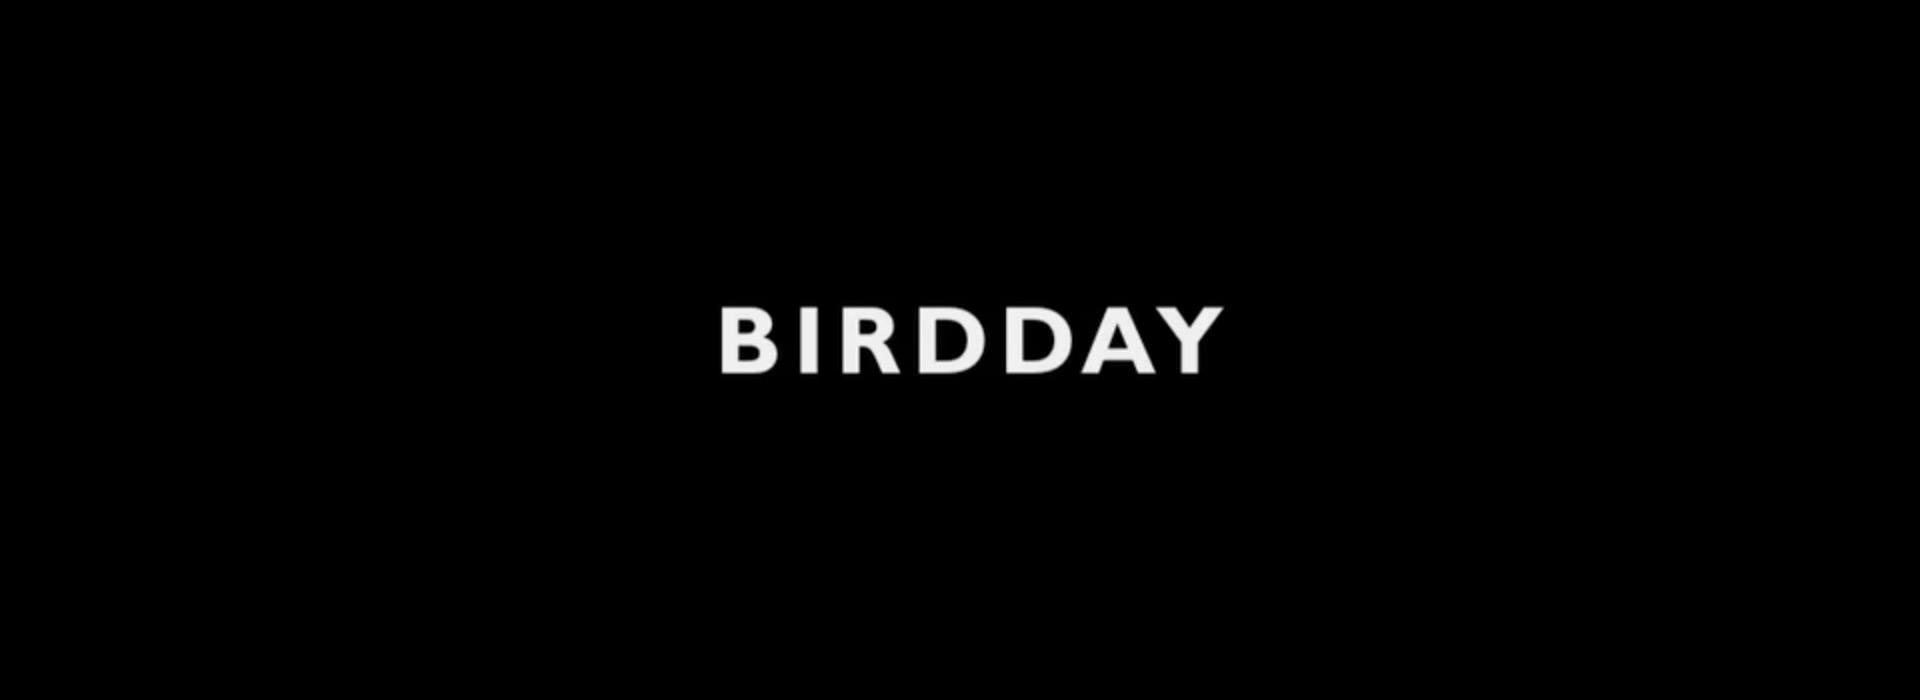 birdday-banner